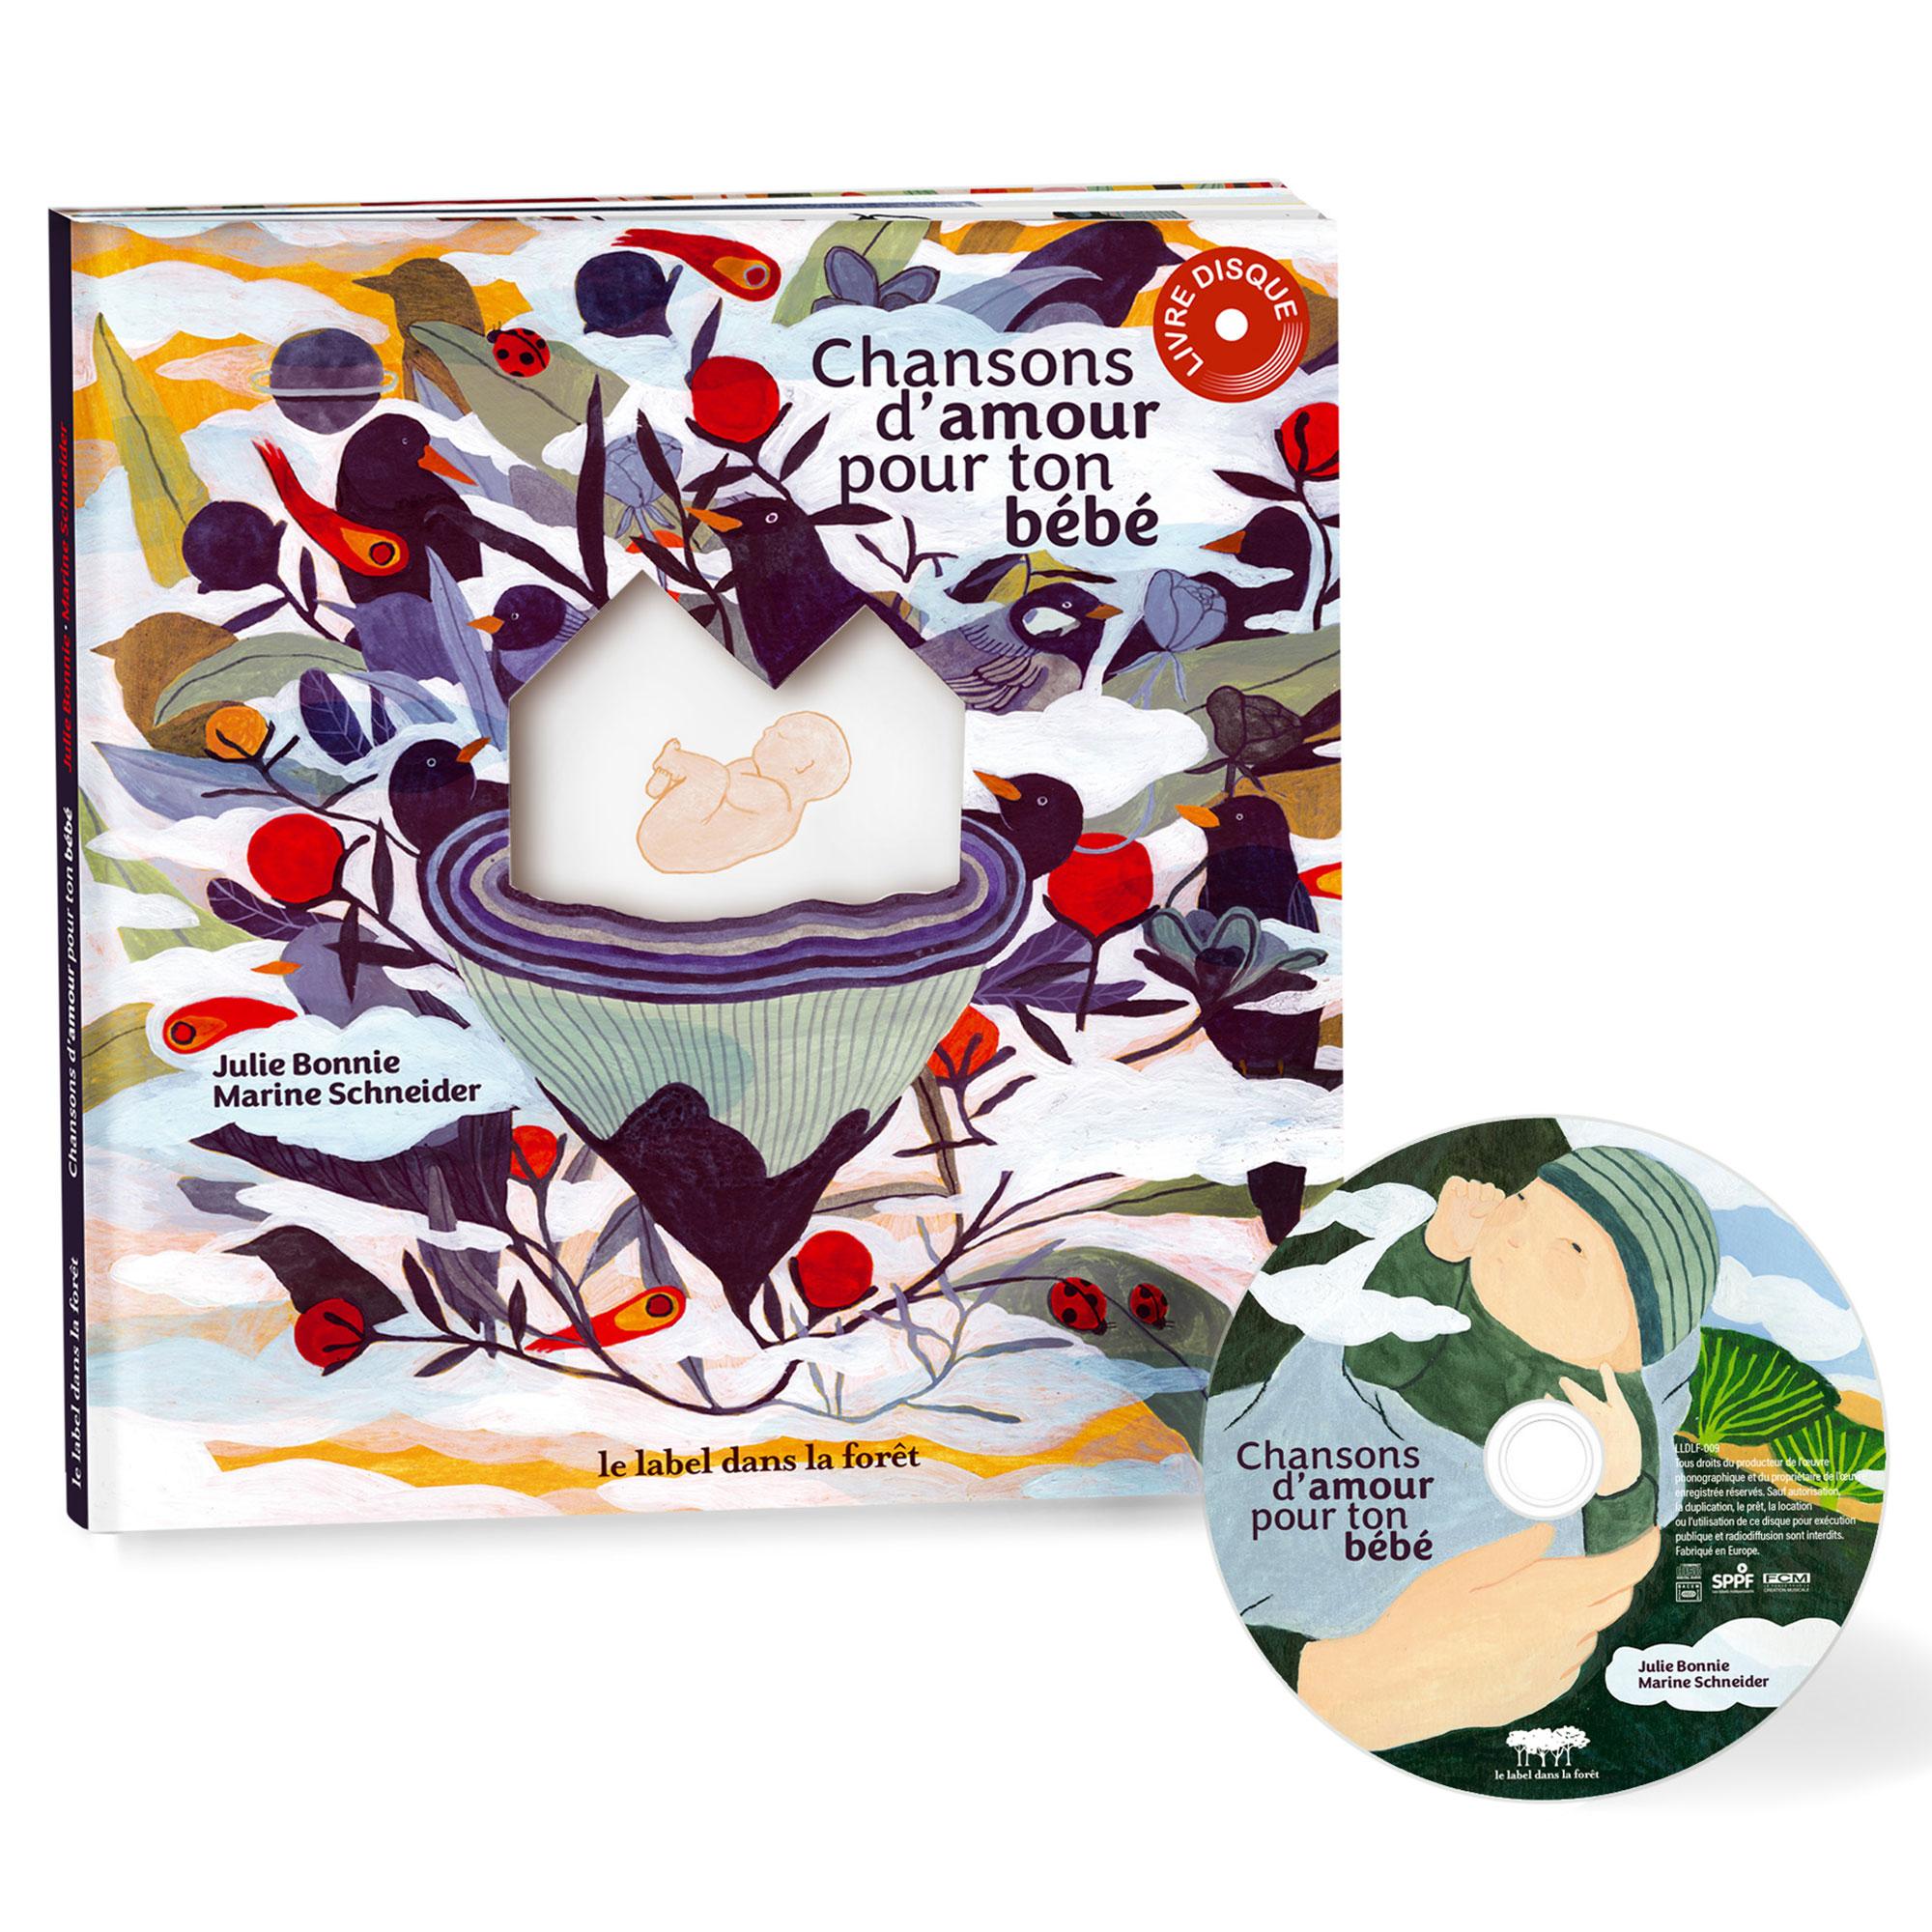 Le Label dans la Forêt - Chansons d'amour pour ton bébé - Julie Bonnie - Packshot